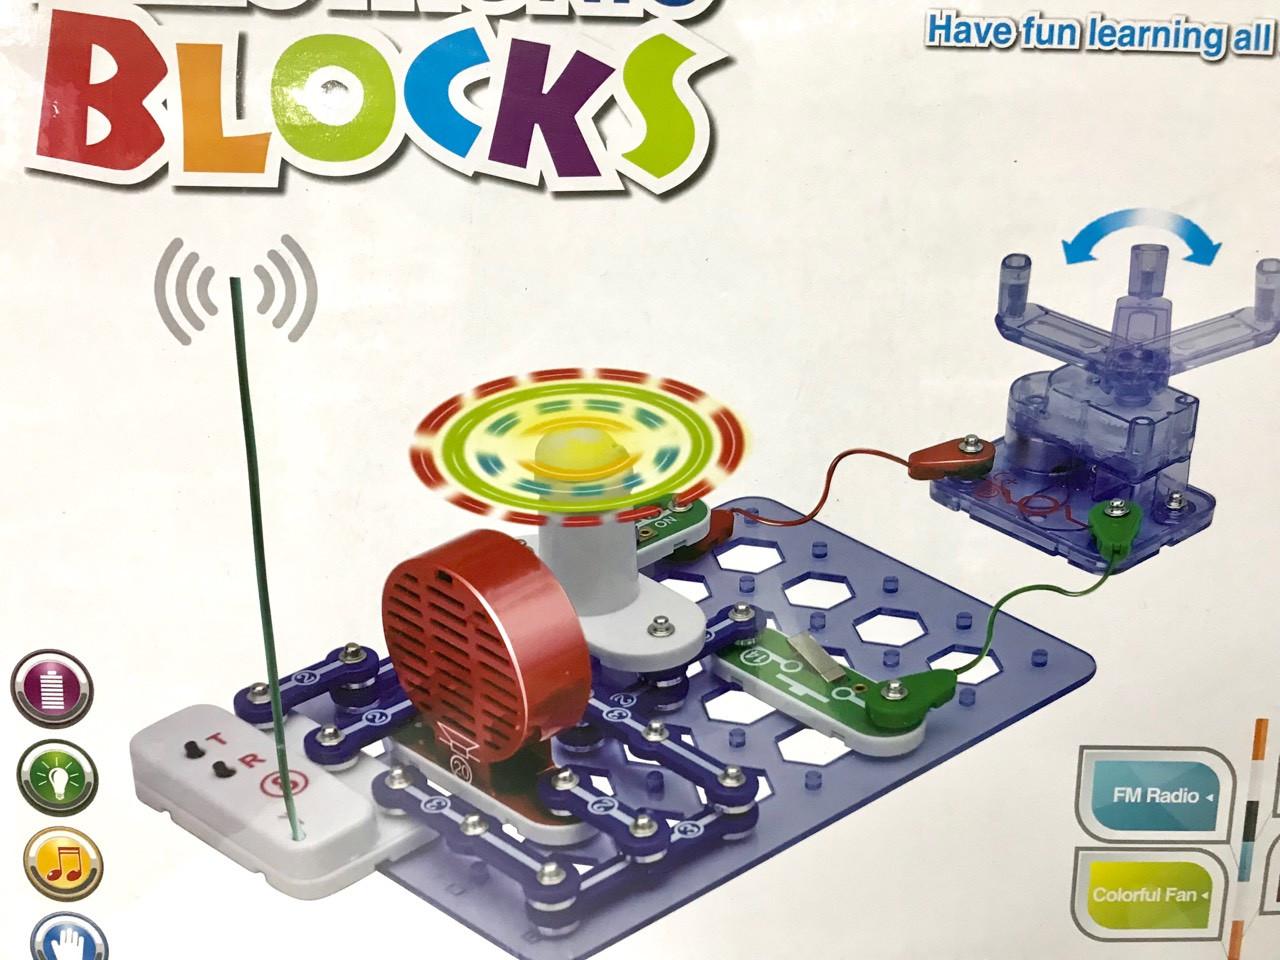 Электронный конструктор большой Electronic blocks